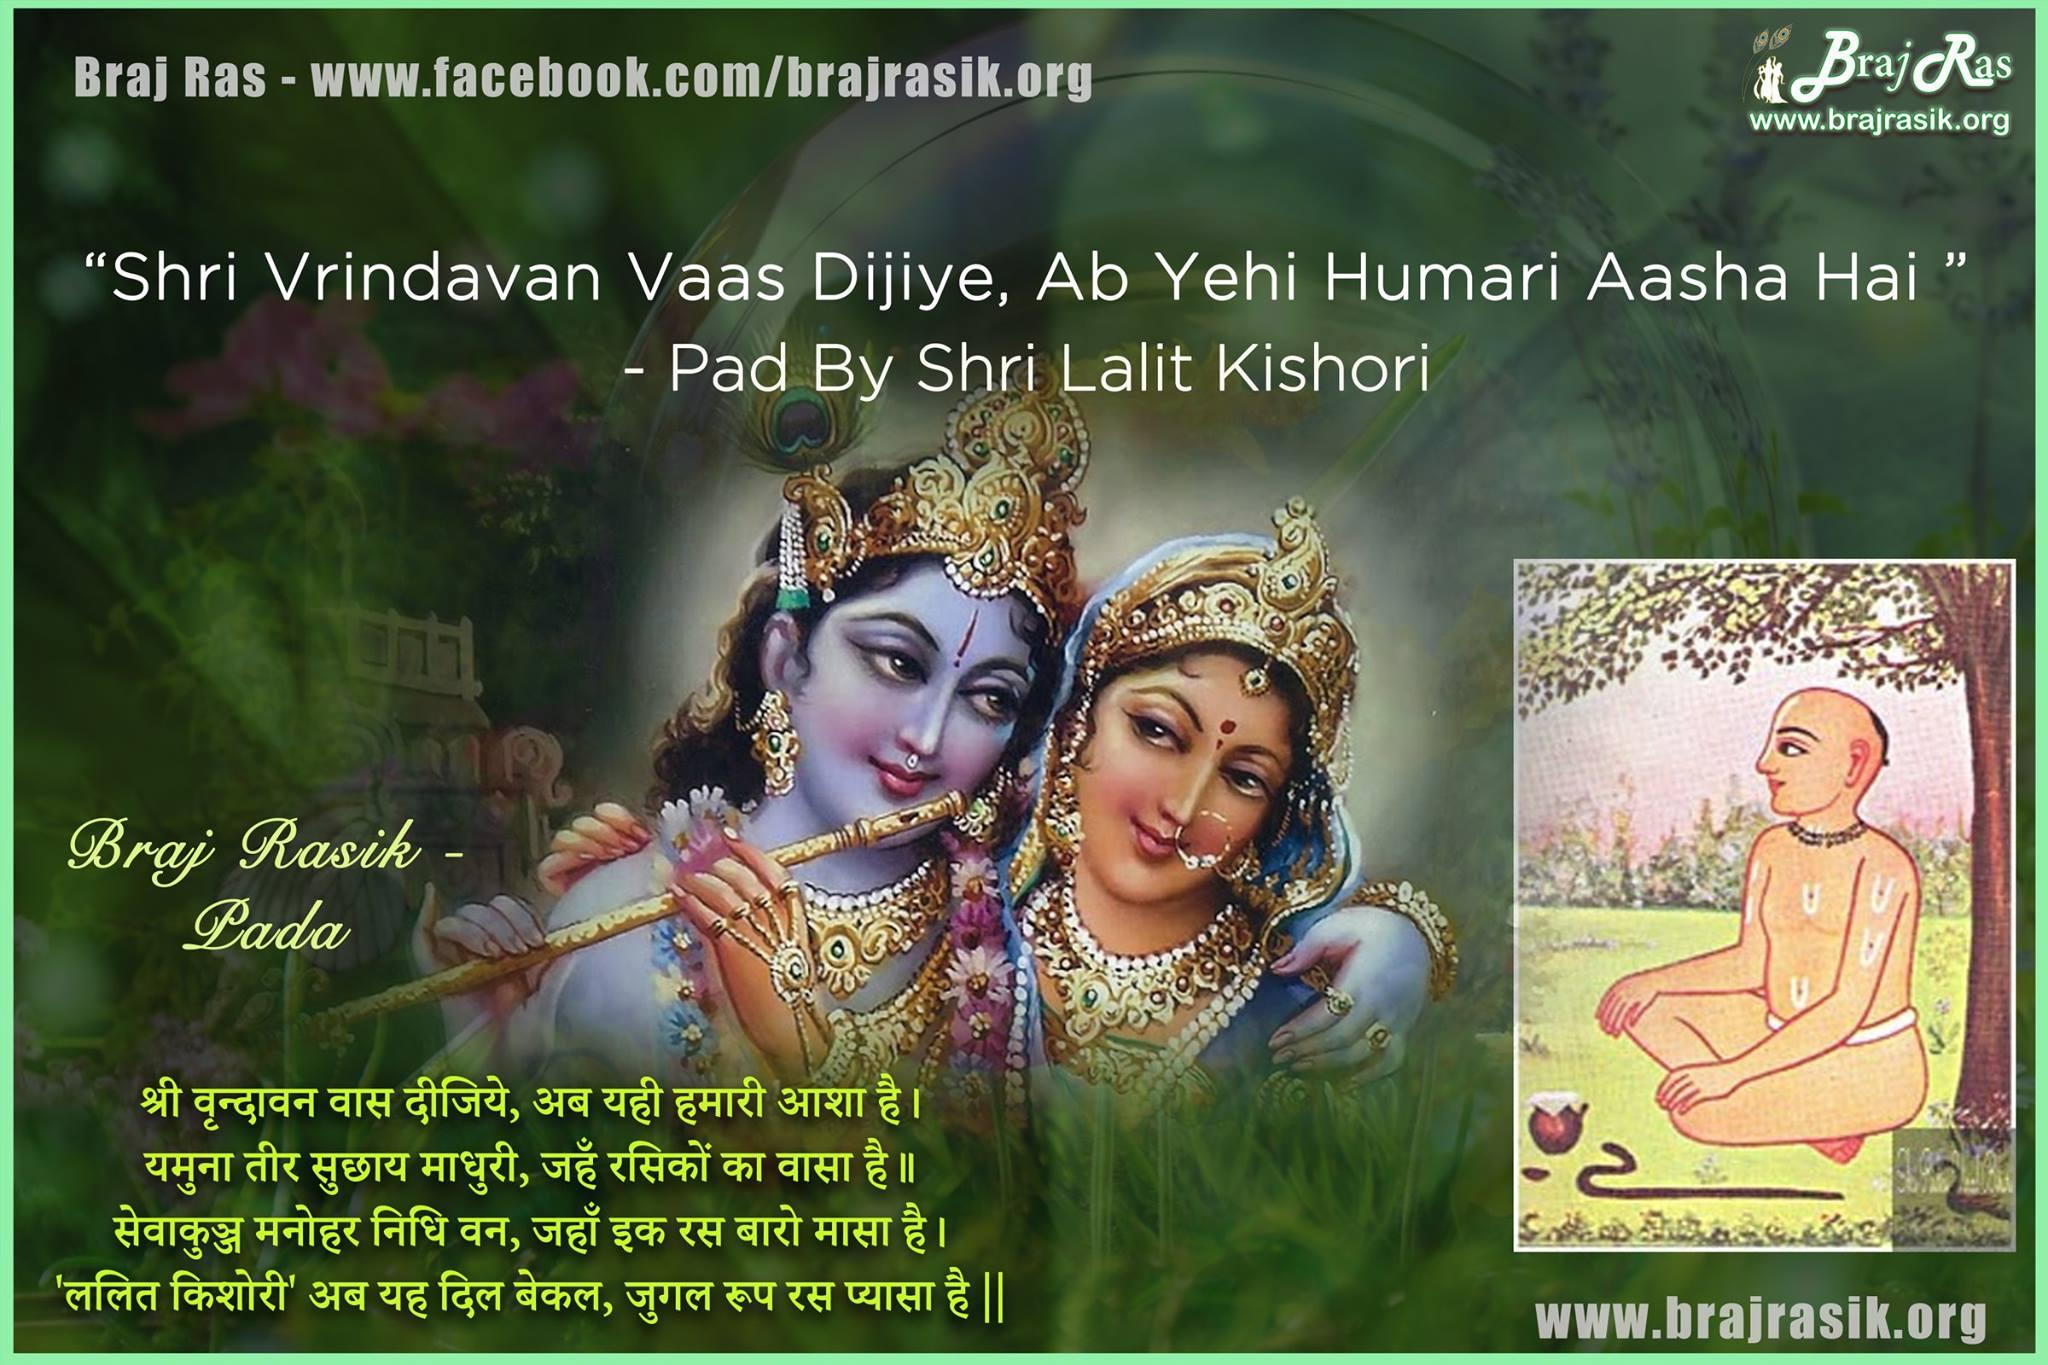 Shri Vrindavan Vaas Dijiye, Ab Yehi Humari Asha Hai - Pad By Shri Lalit Kishori.